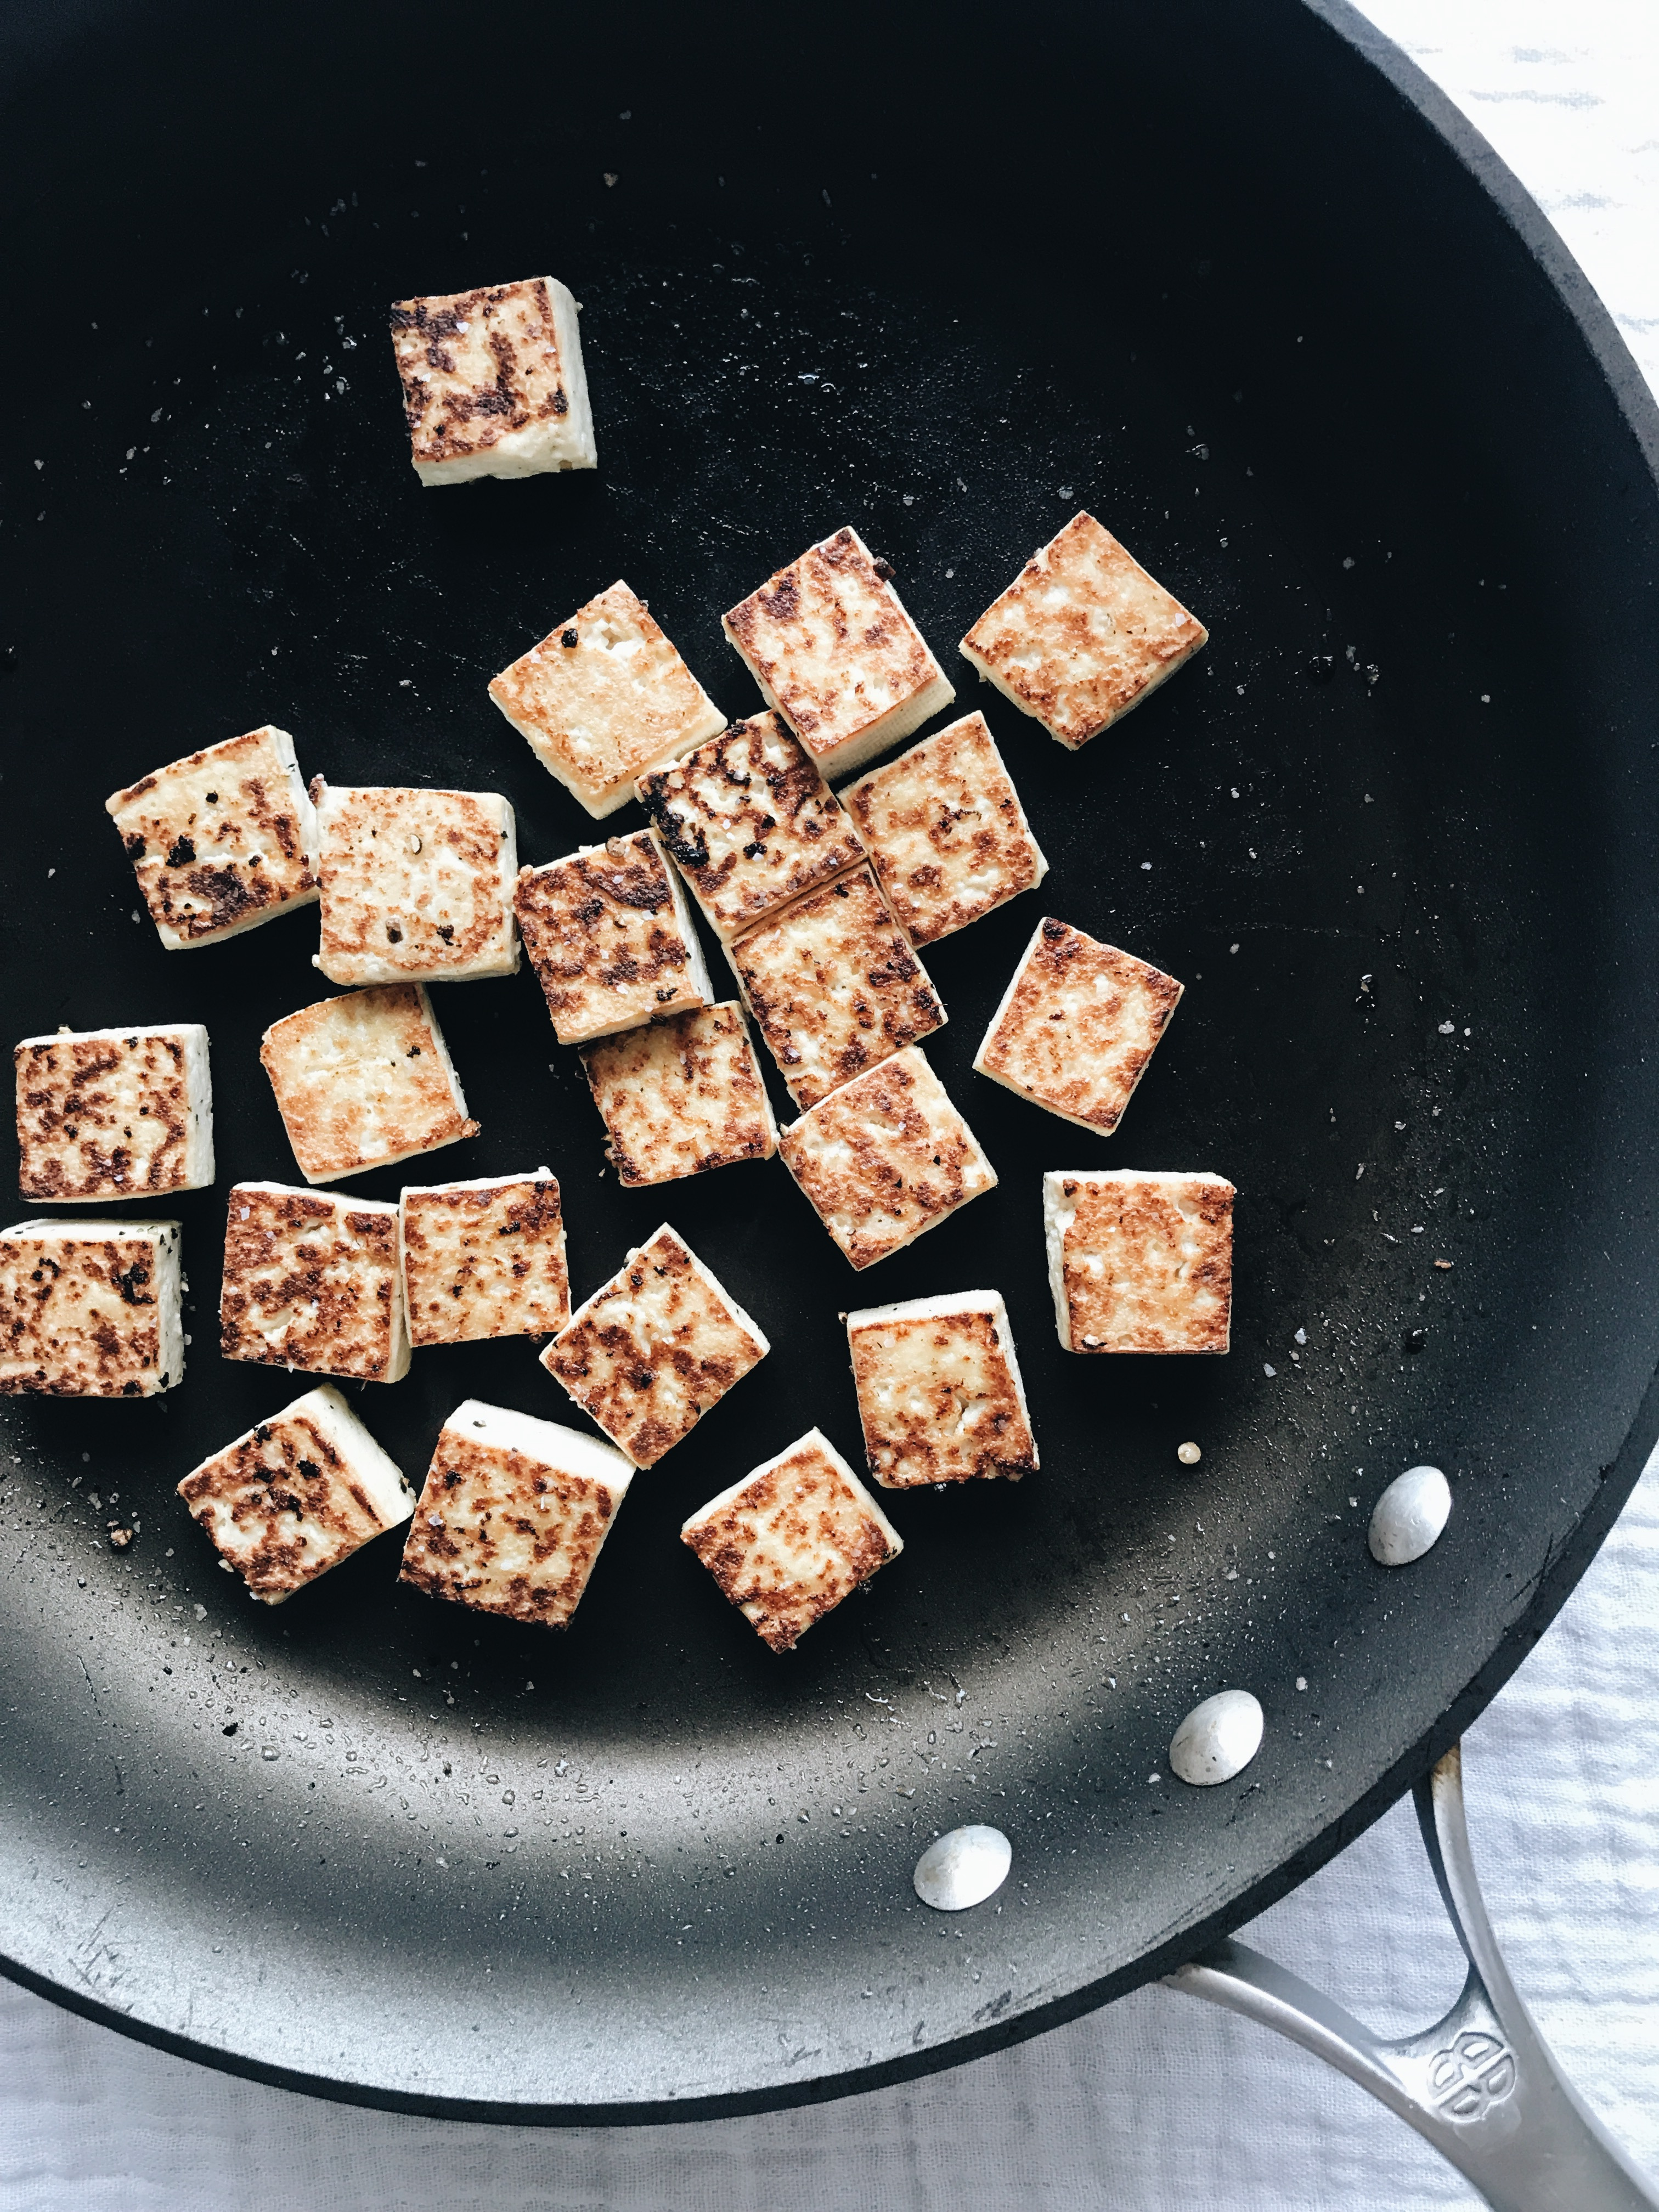 Somen Noodle and Tofu Soup / Bev Cooks